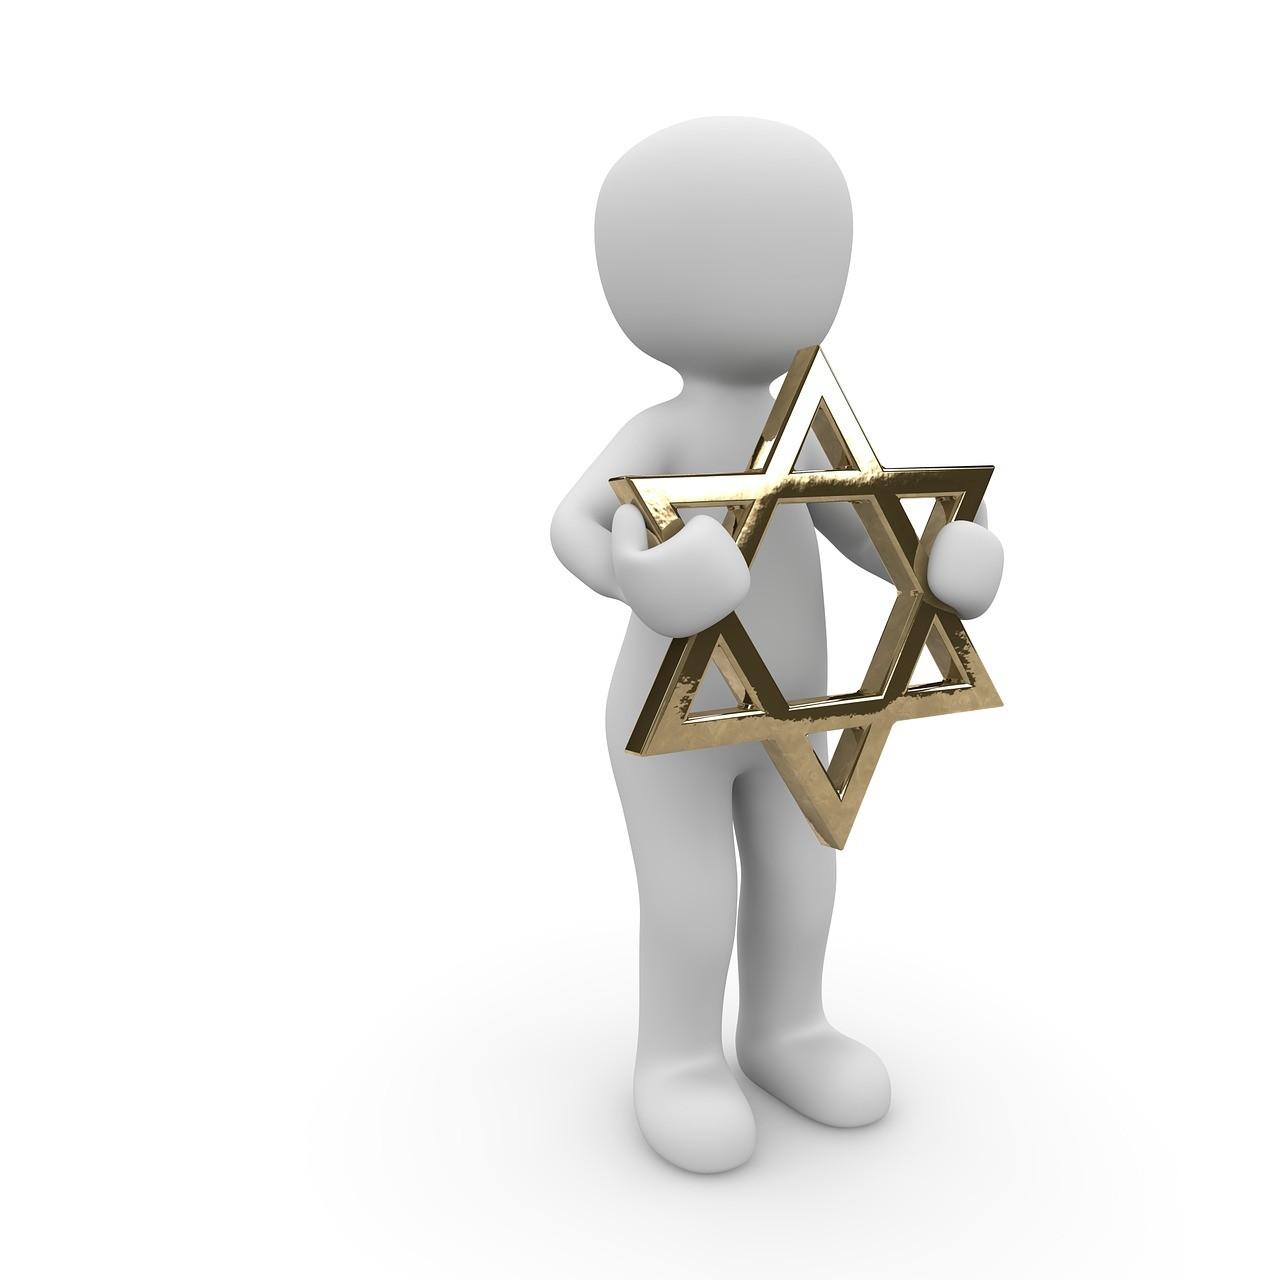 הרב מרדכי ארנון כתב על שיטת בוטייקו ותרומתה לבריאות